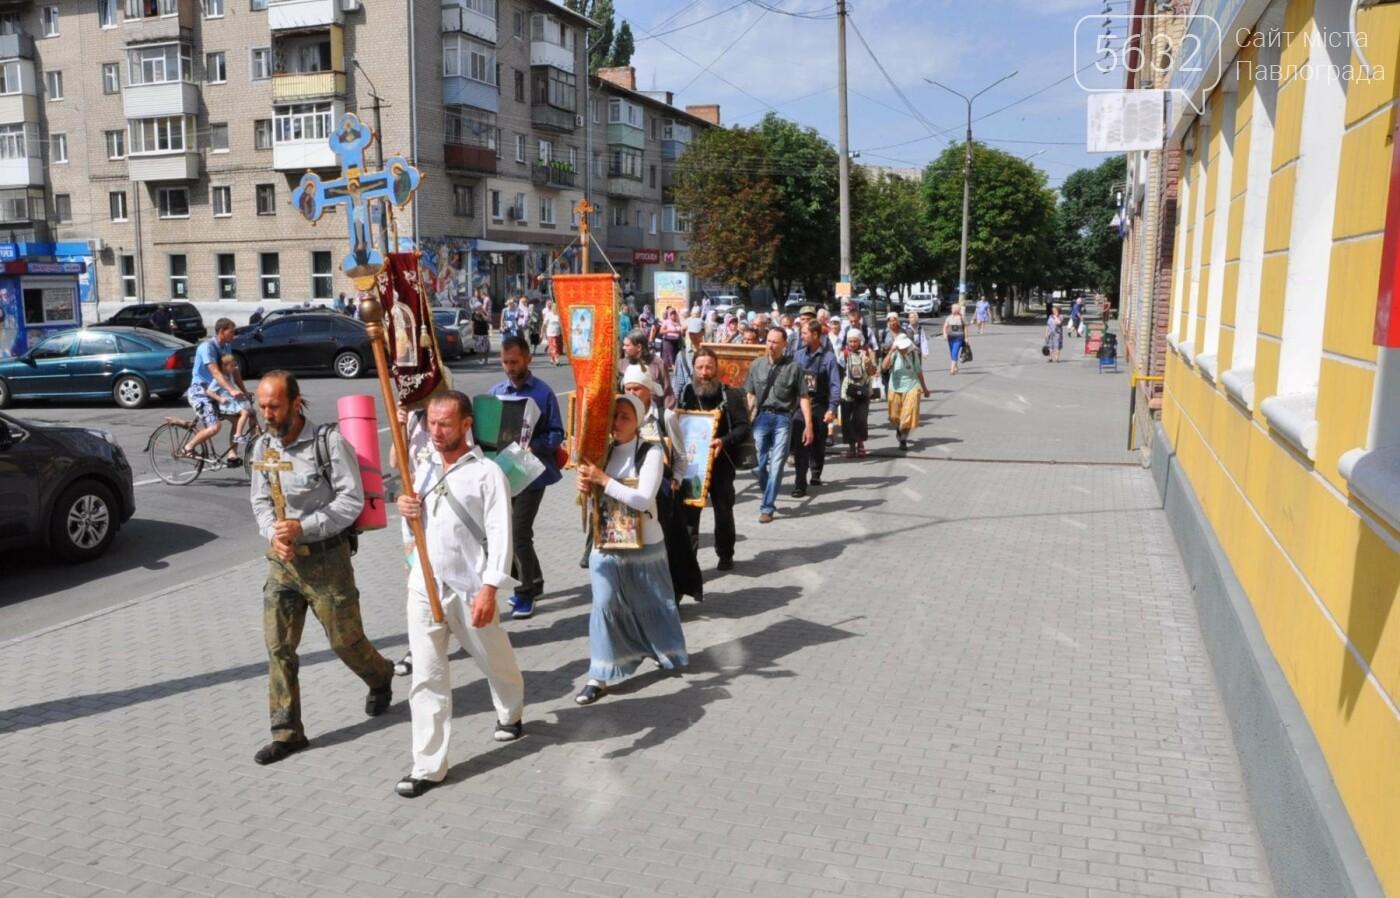 Через Павлоград прошел крестный ход с чудотворной иконой, фото-1